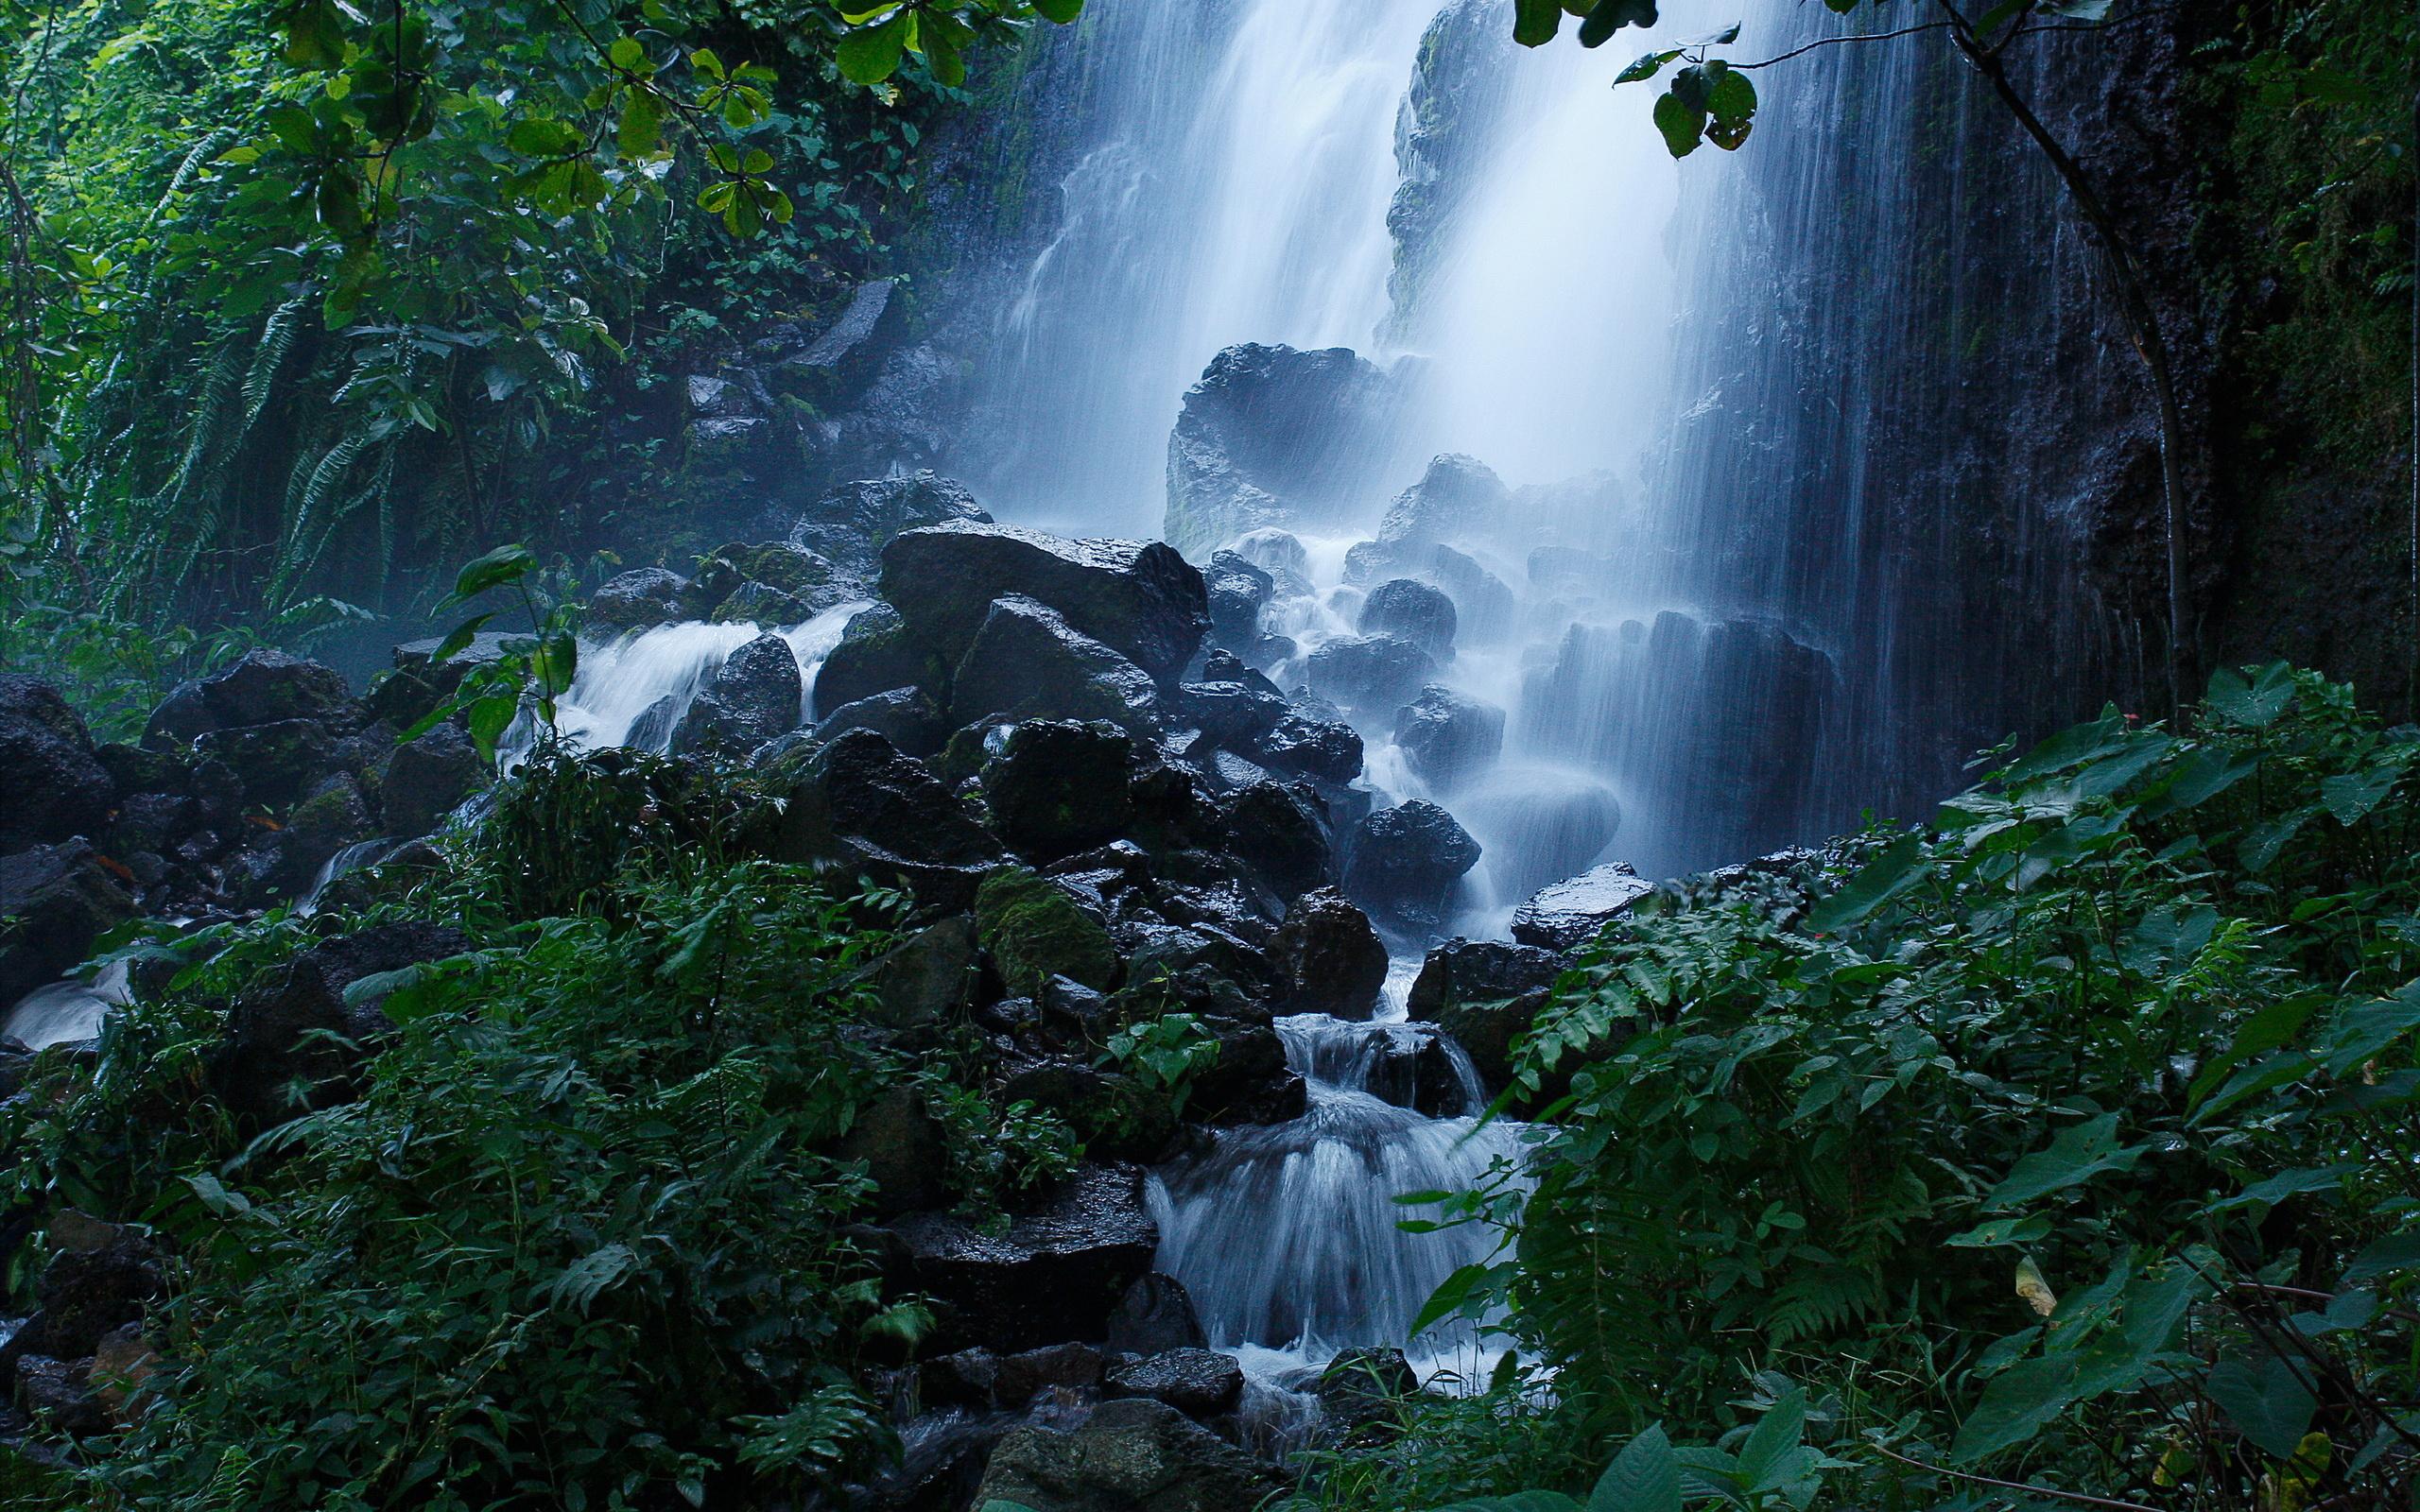 картинки леса с водопадом